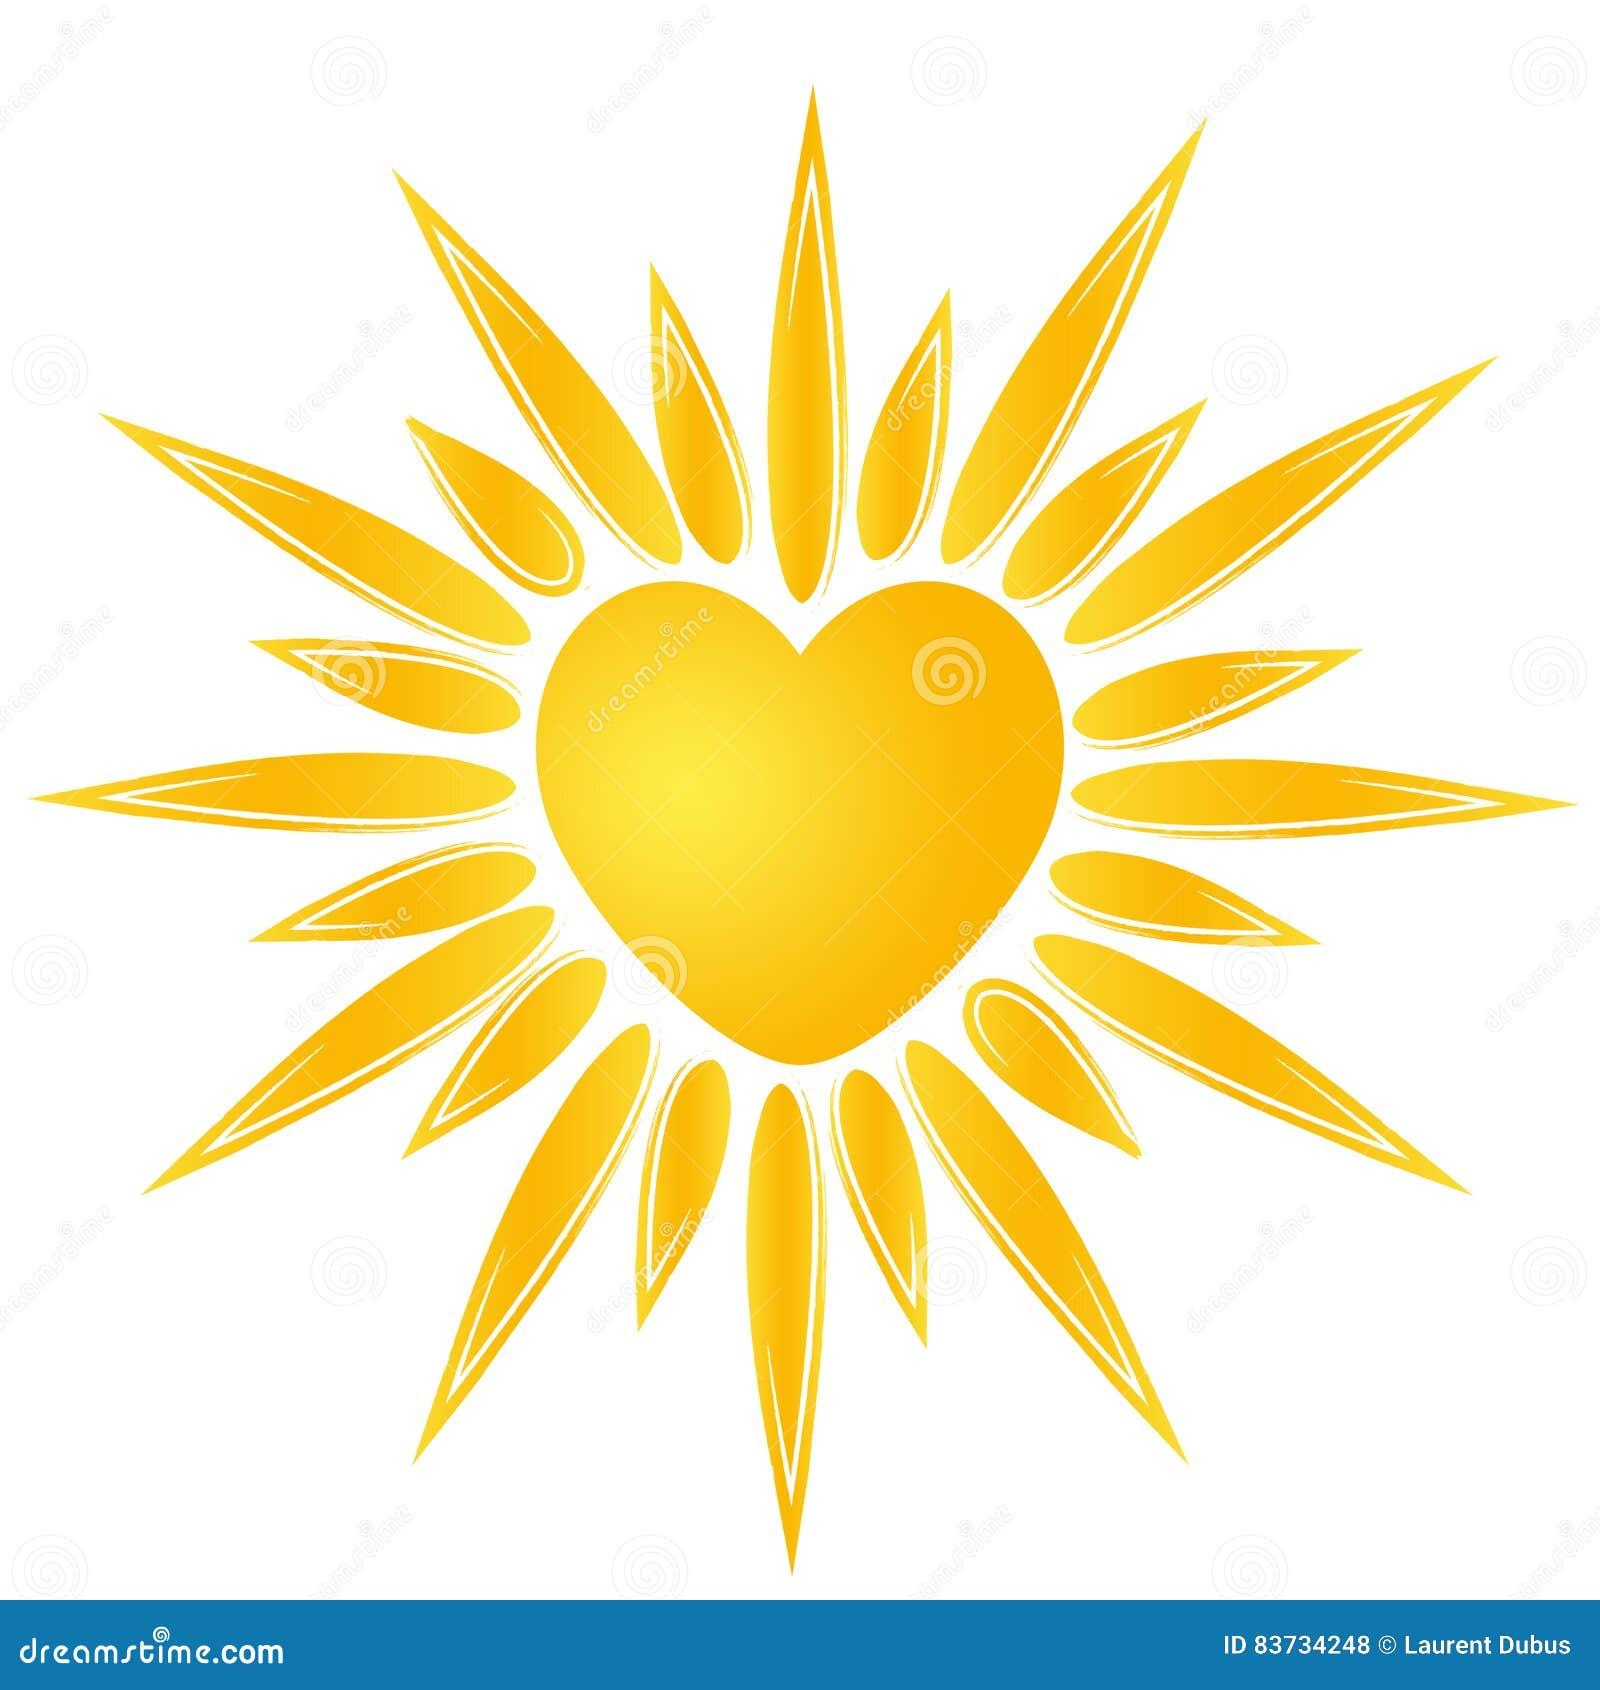 счету, сердце на солнце картинки детям арина